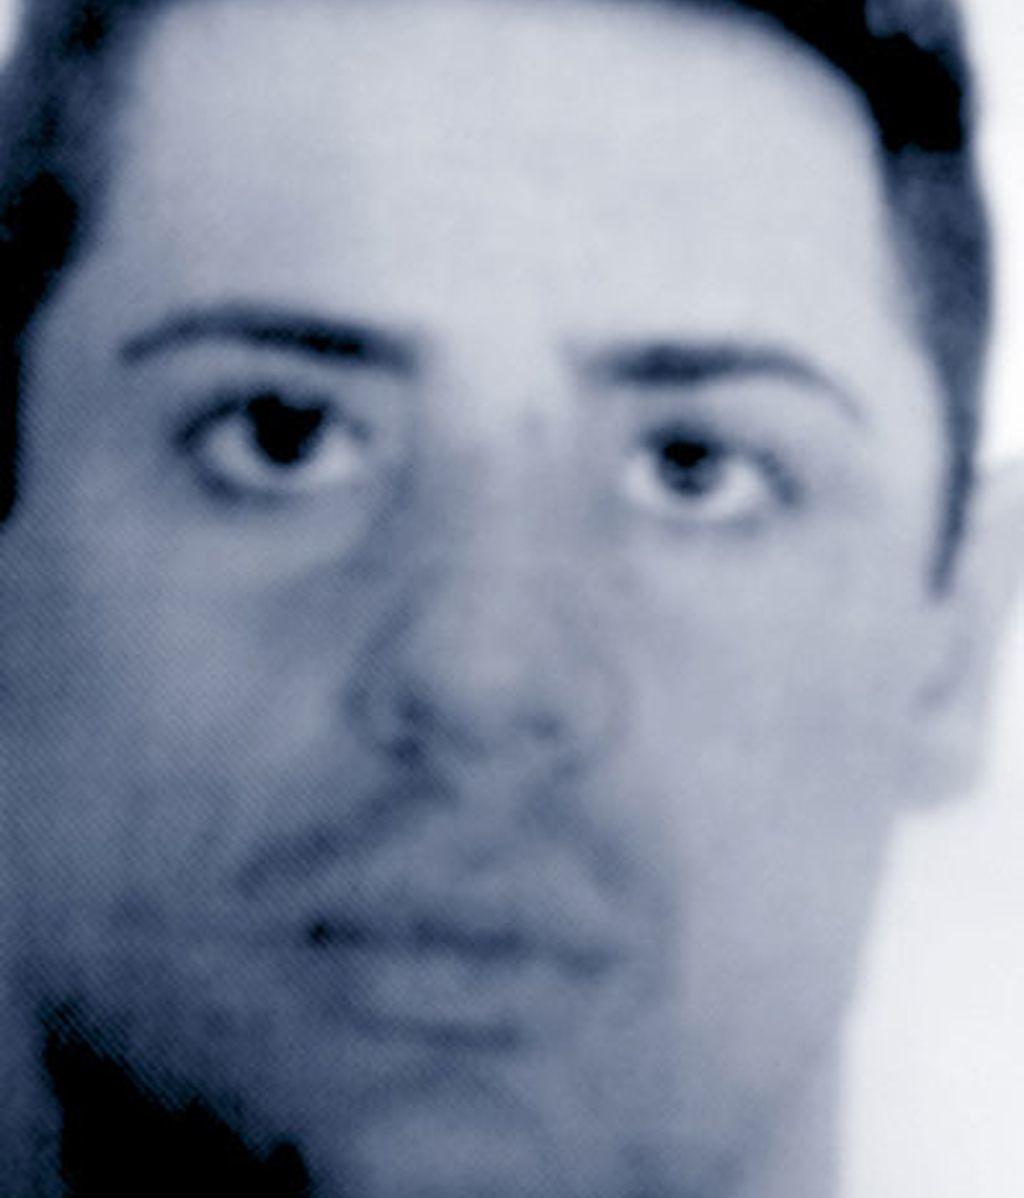 Iván, el autor de los hechos